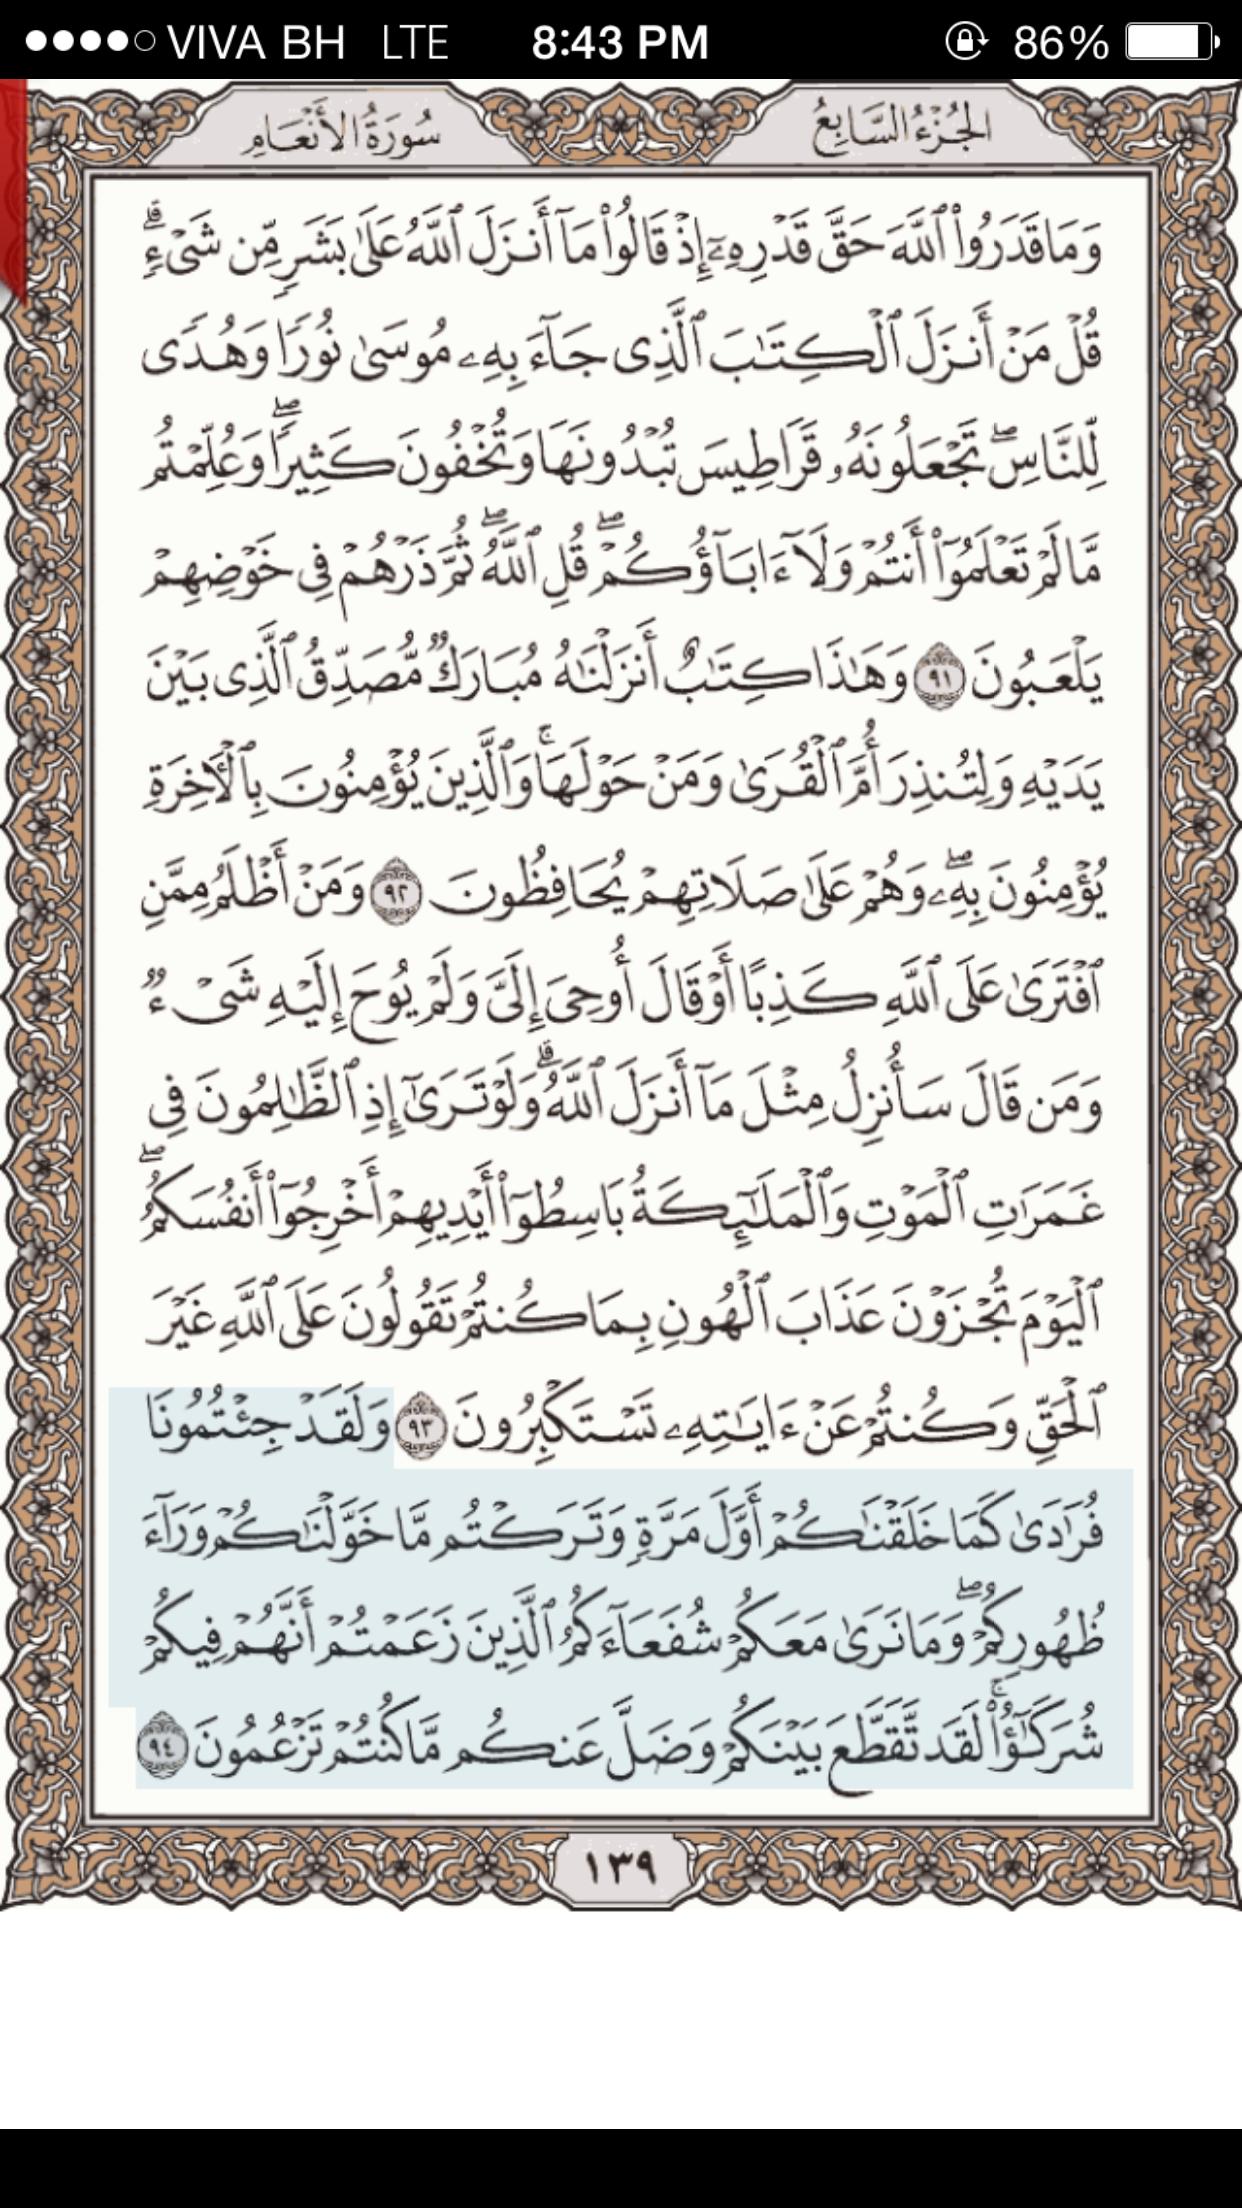 الجزء السابع سورة الانعام لروح لجدتي القرآن Quran Quran Verses Verses